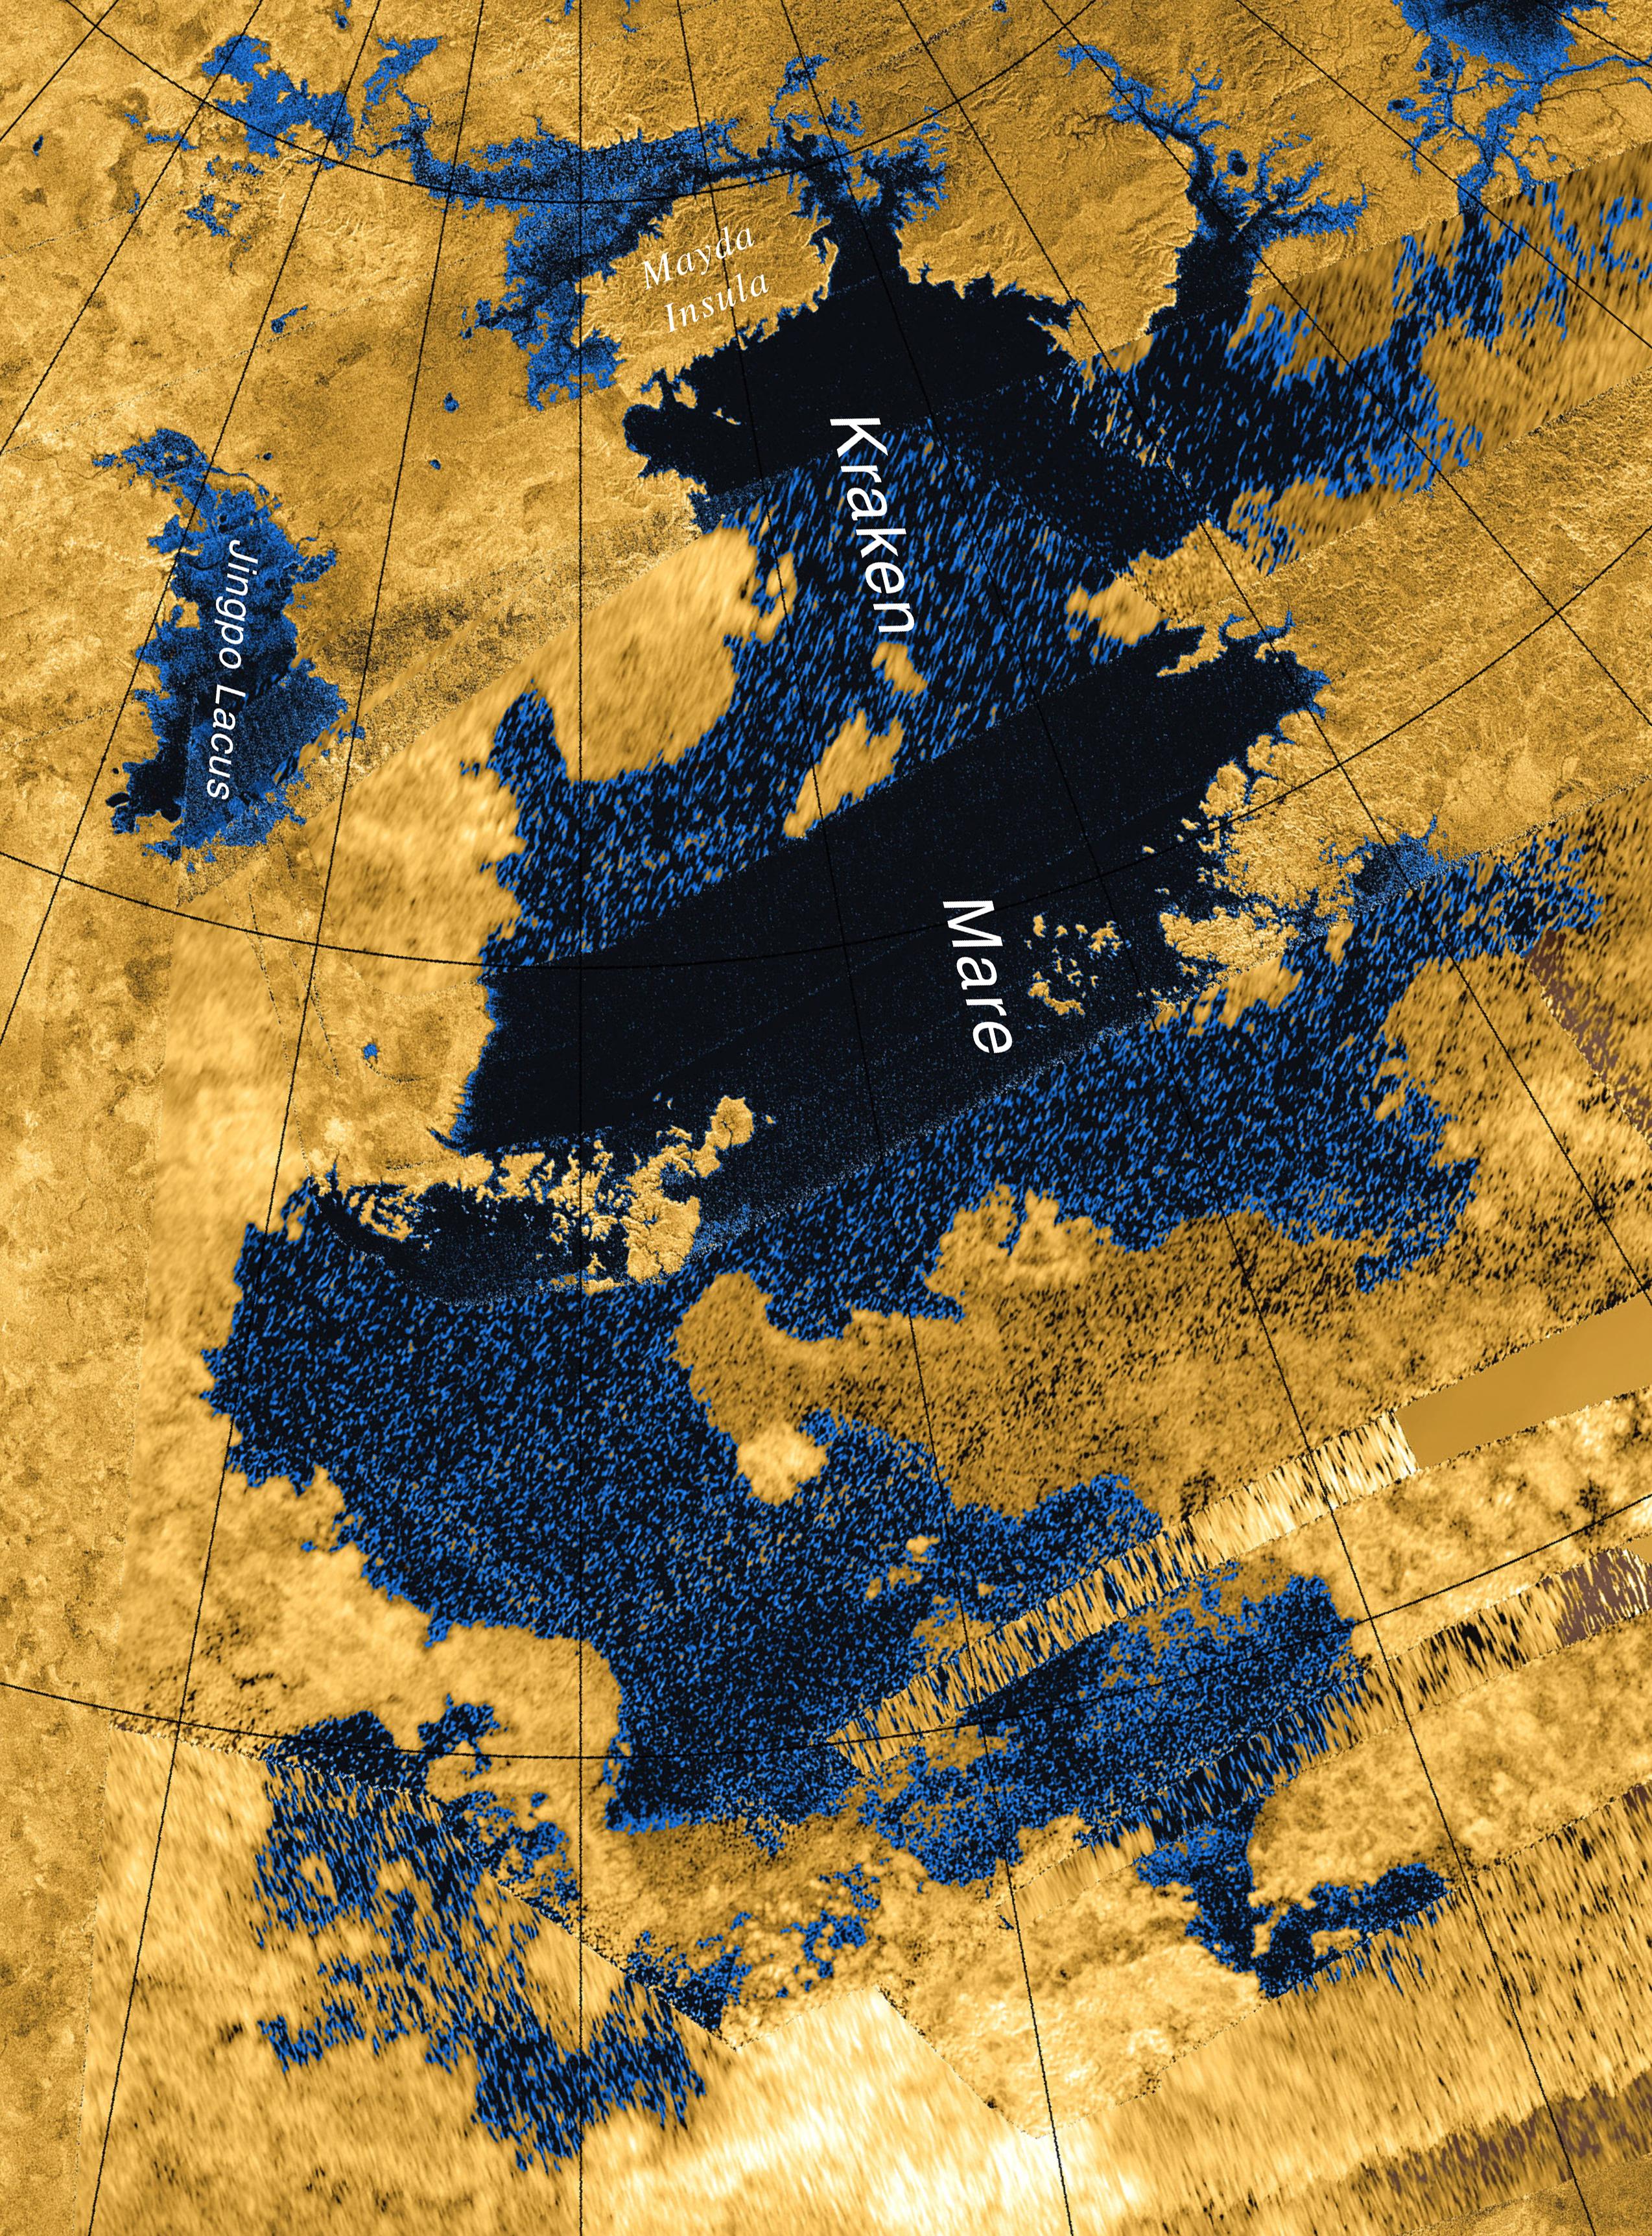 Nowa Mapa Radarowa Opadow Imgw Andrychow